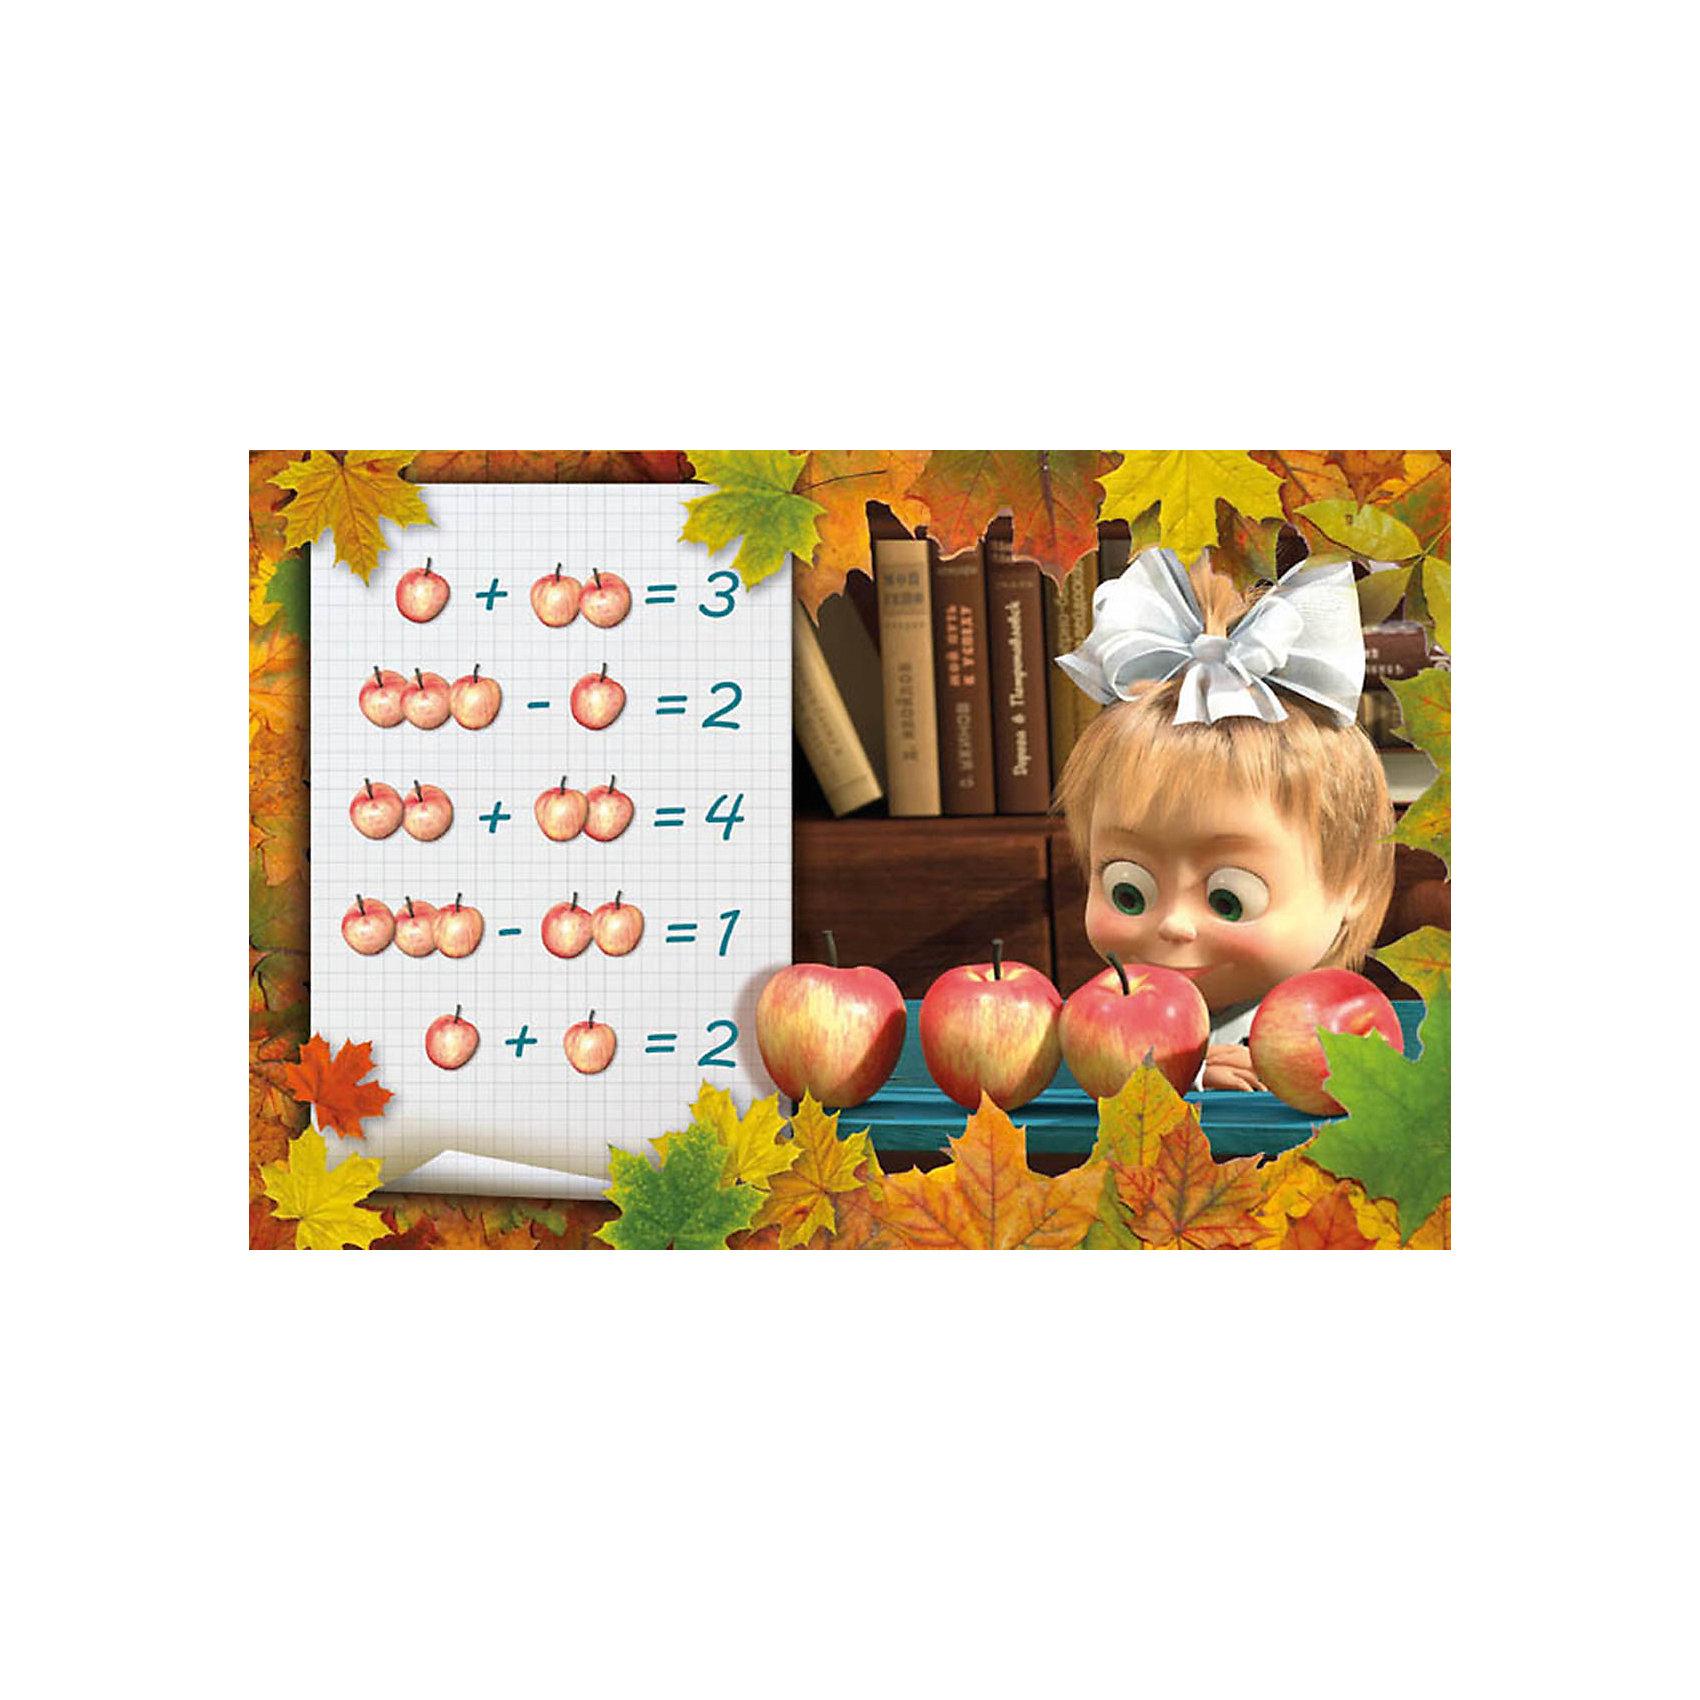 Настольная салфетка Задачи с яблоками 44*28 см, Маша и МедведьНакладка на стол убережет поверхность от царапин, повреждений и загрязнения. Салфетка с любимыми персонажами придется по вкусу любому ребенку и станет прекрасным подарком. Накладка выполнена из высококачественного пластика, раскрашена устойчивыми безопасными красителями.<br><br>Дополнительная информация:<br><br>- Материал: полипропилен.<br>- Размер: 44х28 см. <br>- Загрязнения легко устраняются влажной губкой.<br><br>Настольную салфетку Задачи с яблоками 44х28 см, Маша и Медведь, можно купить в нашем магазине.<br><br>Ширина мм: 440<br>Глубина мм: 4<br>Высота мм: 280<br>Вес г: 50<br>Возраст от месяцев: 36<br>Возраст до месяцев: 108<br>Пол: Унисекс<br>Возраст: Детский<br>SKU: 4536273